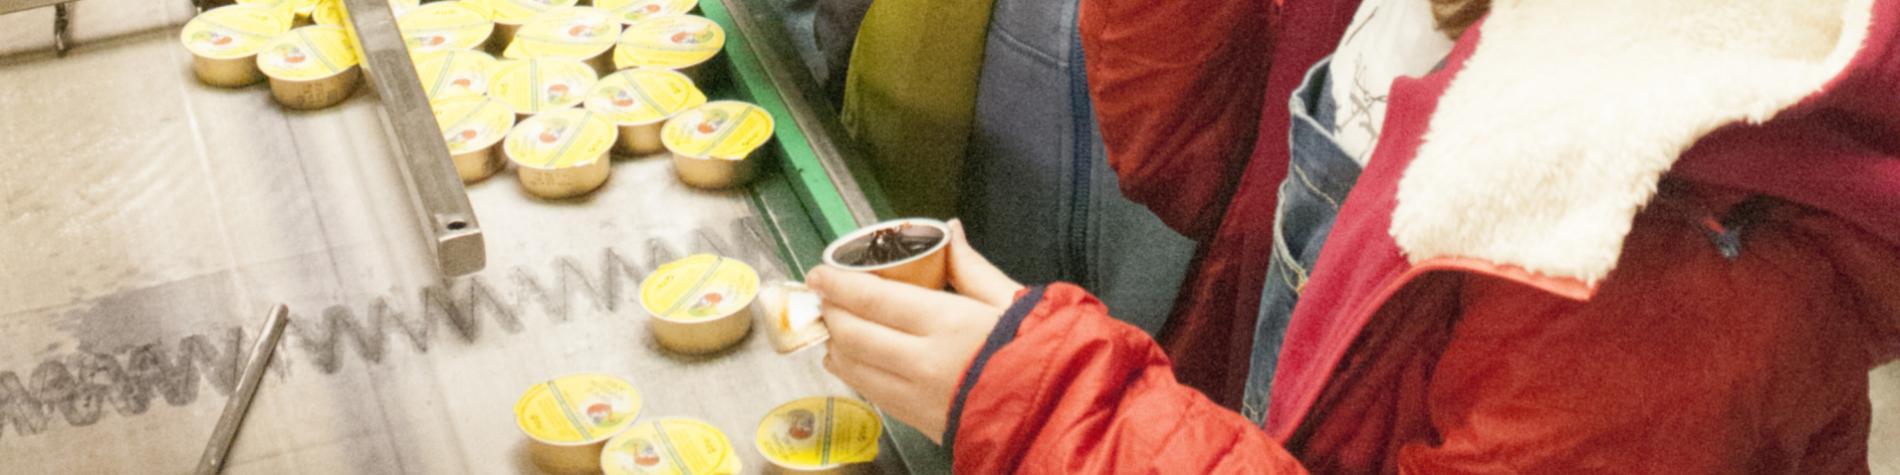 Découvrez la Siroperie artisanale d'Aubel dans le Pays de Herve